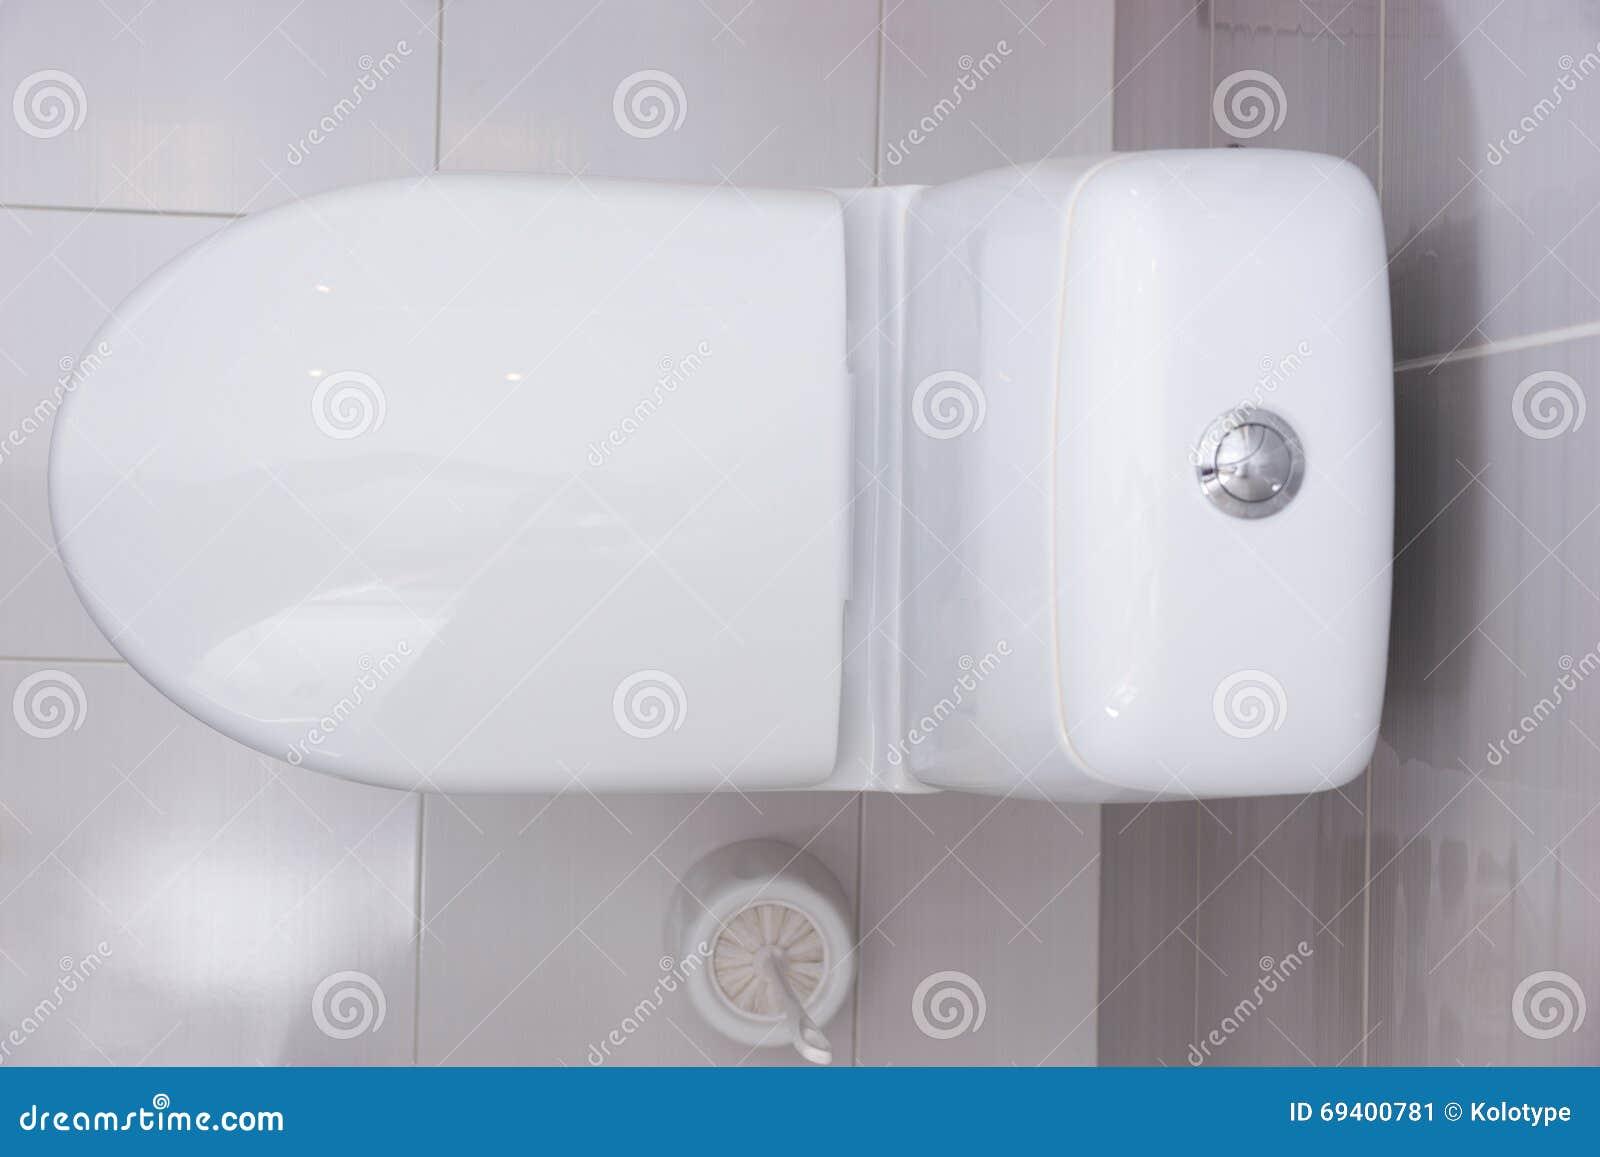 fermez vous vers le haut de la vue a rienne d 39 une toilette blanche simple image stock image du. Black Bedroom Furniture Sets. Home Design Ideas